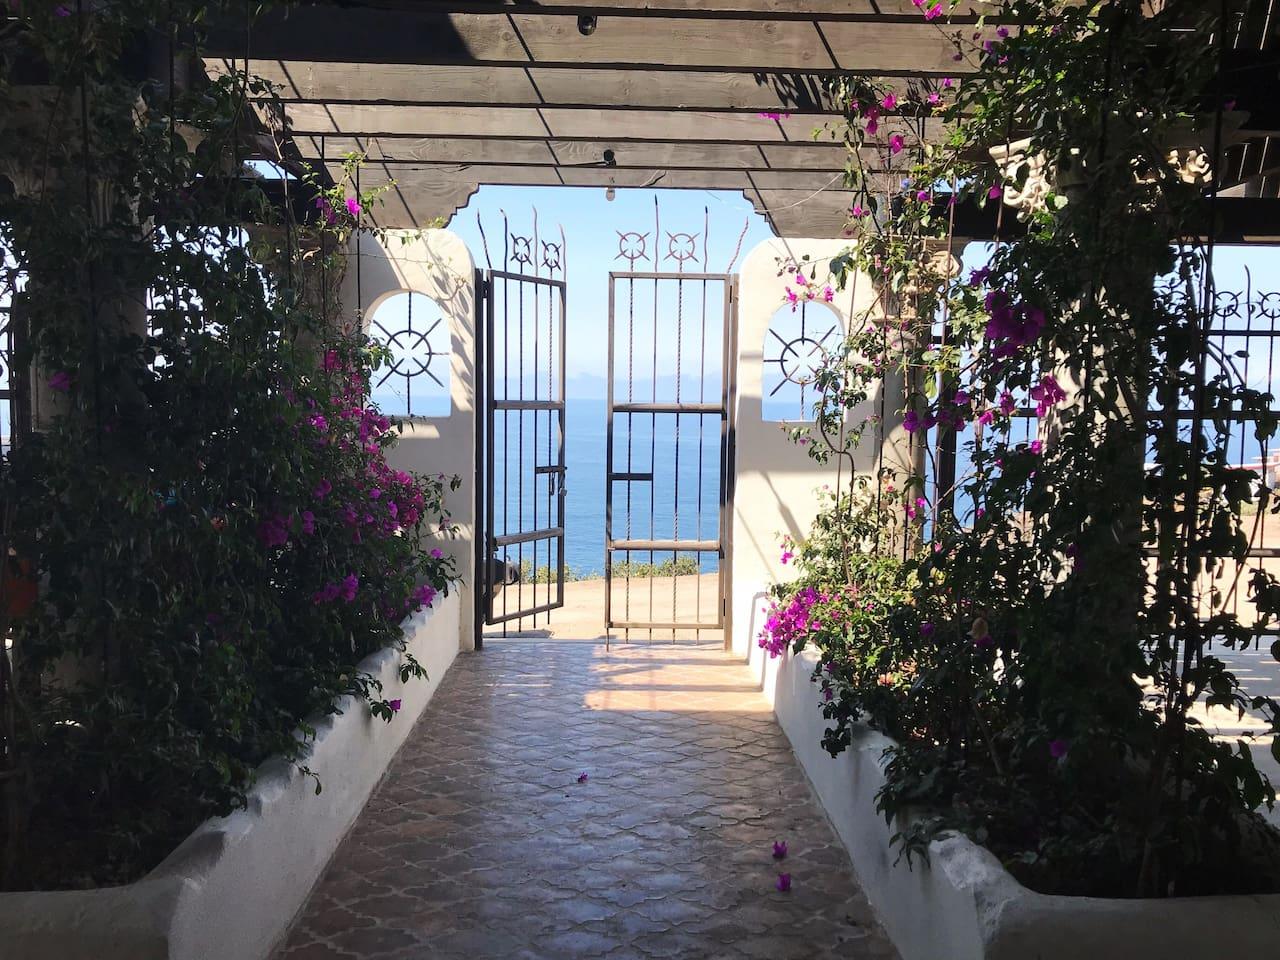 Welcome to Casa Sagrada! Take deep breaths of that sea air!